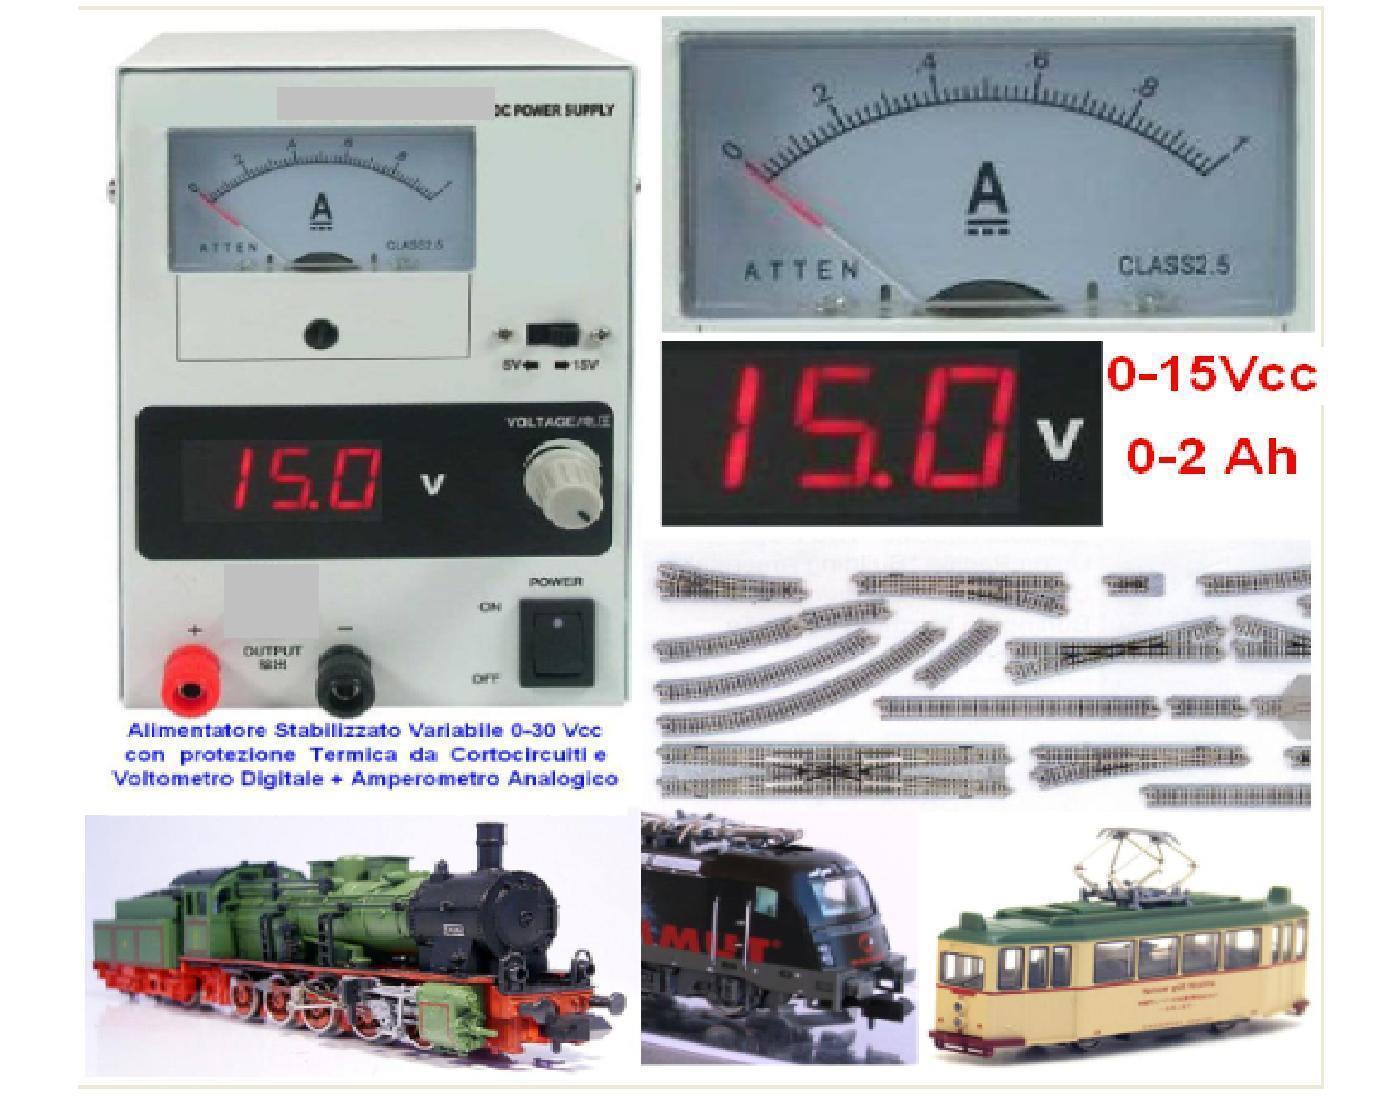 Proporcionar estabilidad LCD LCD LCD ajustable a la órbita 0   15 VCC 2A y al tren I - N - Z a19